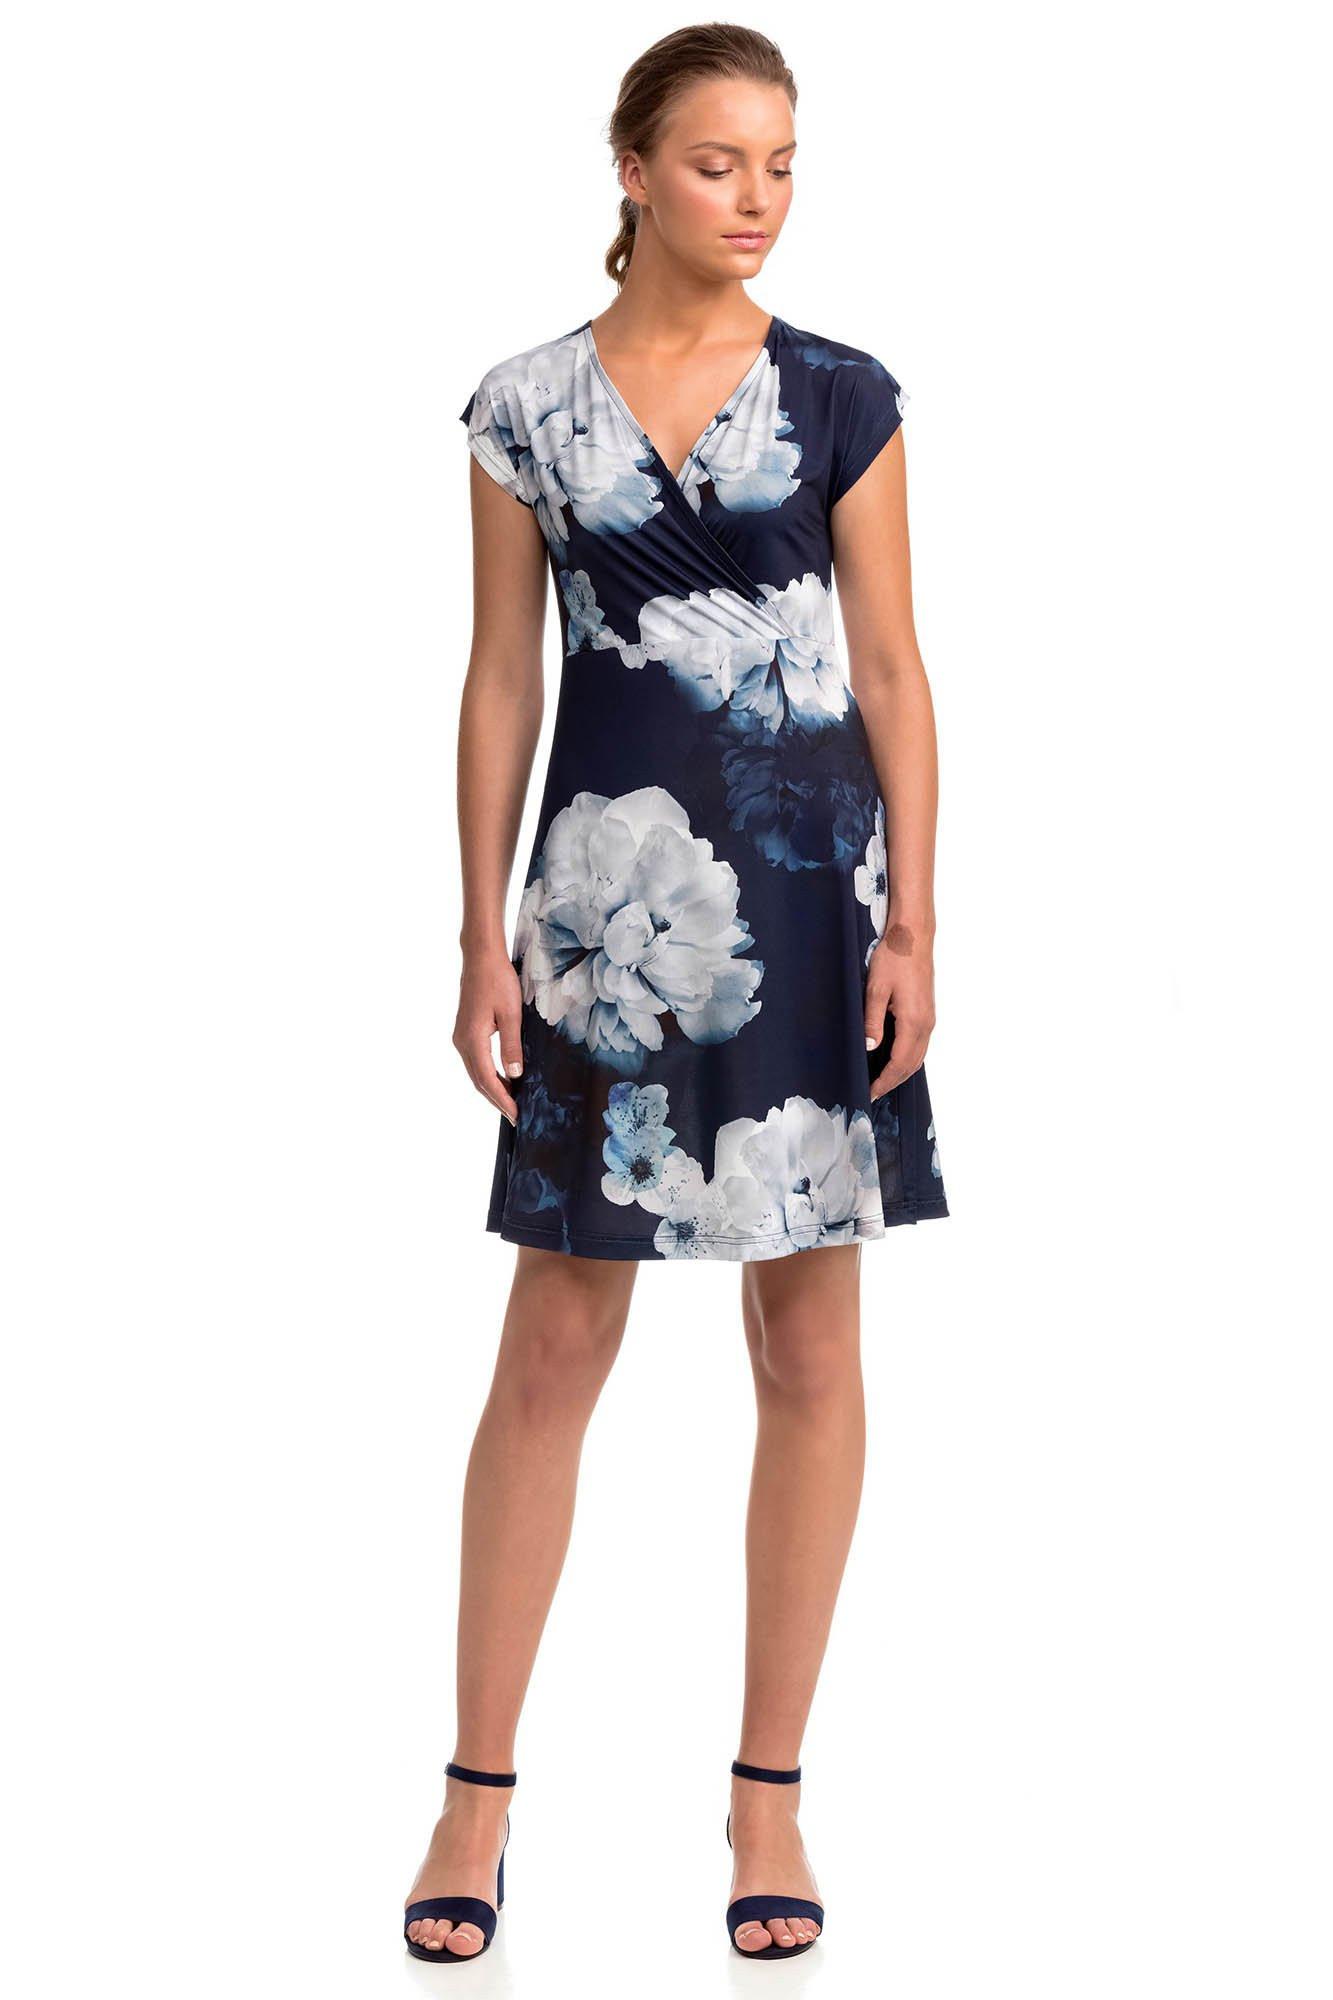 Dámske šaty 14460 - Vamp modrá / biela M